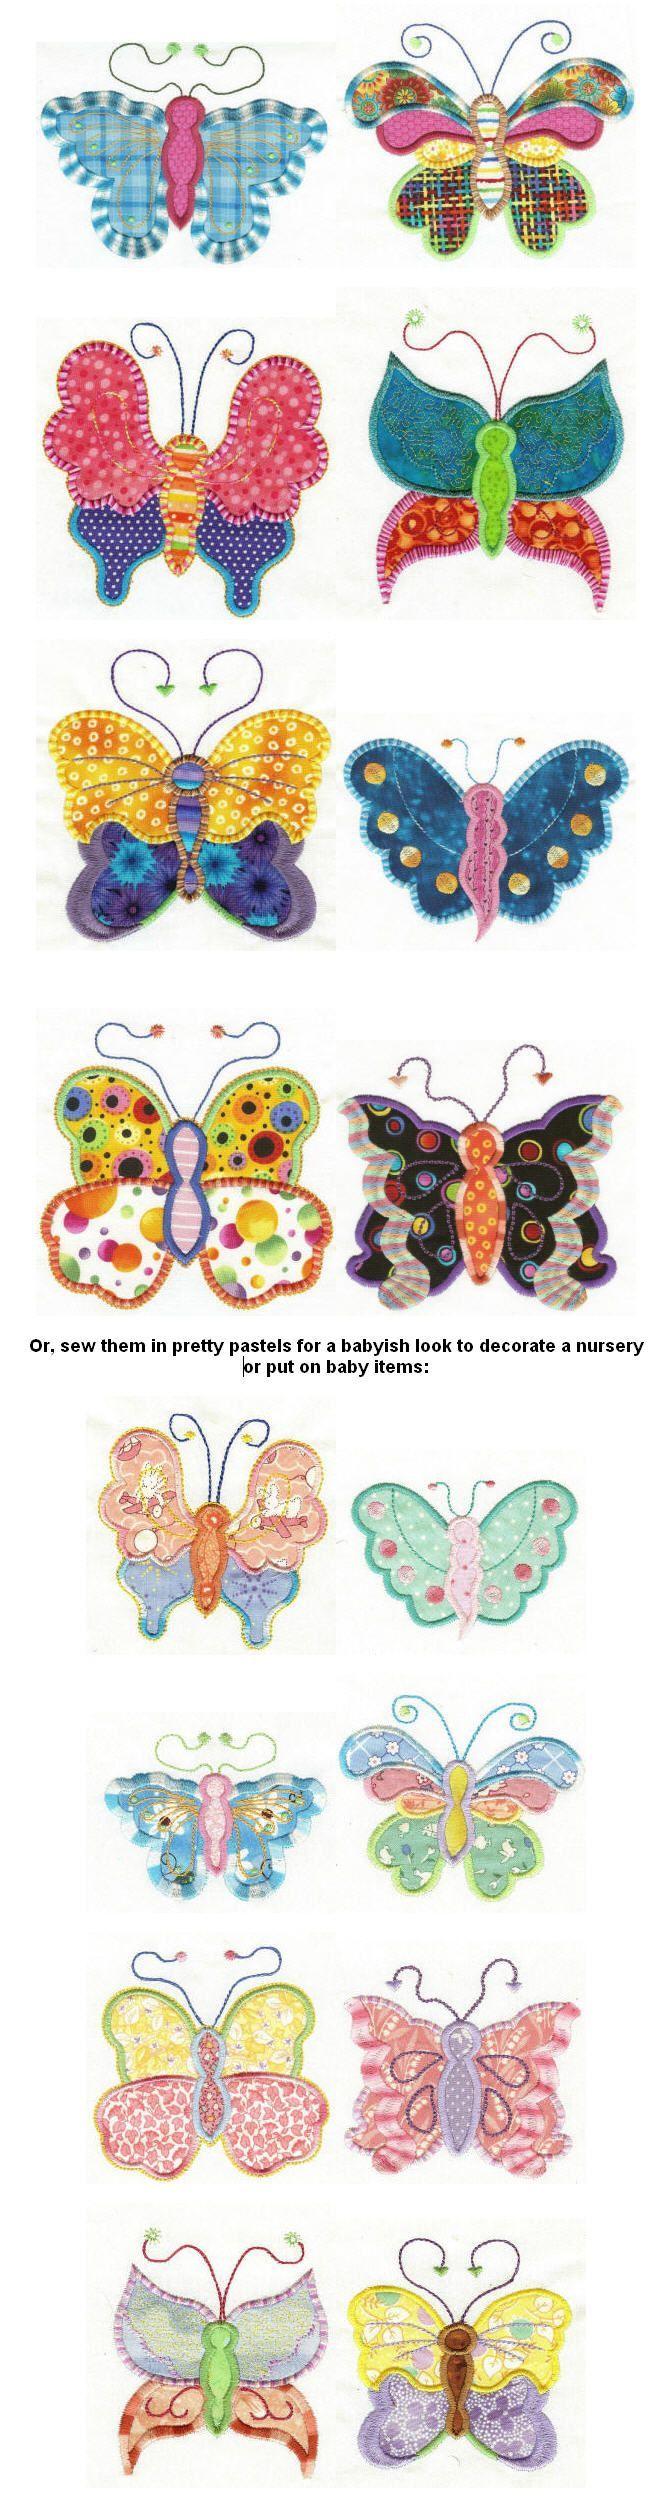 Applikation und Stickerei Schmetterlinge. 247  wie zu zeichnen